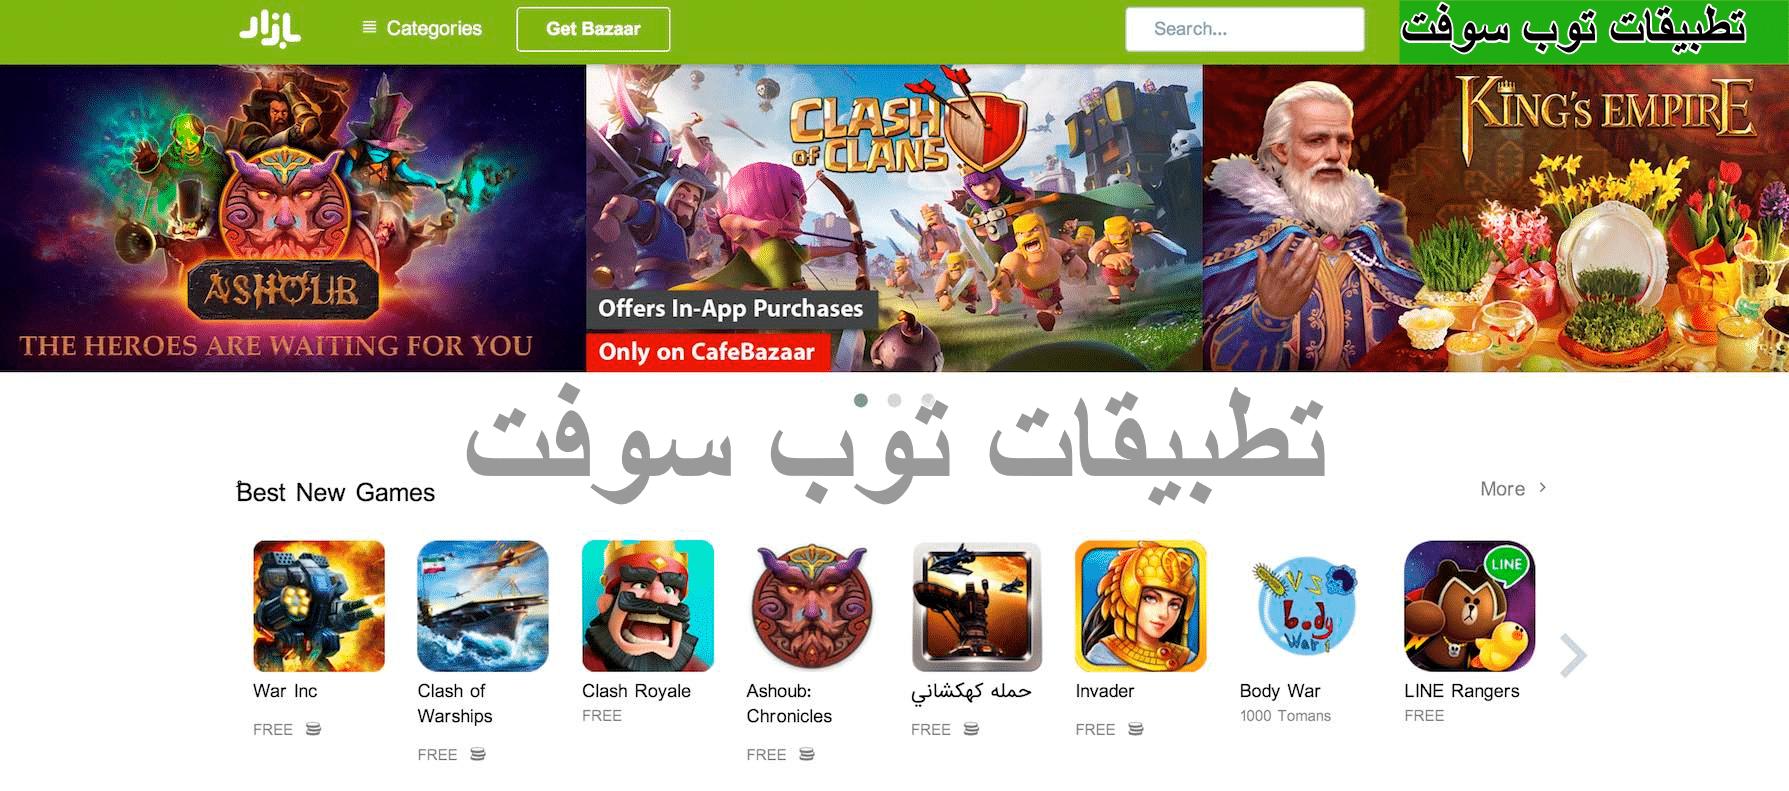 تحميل متجر تطبيقات بازار الايراني للأندرويد Bazaar